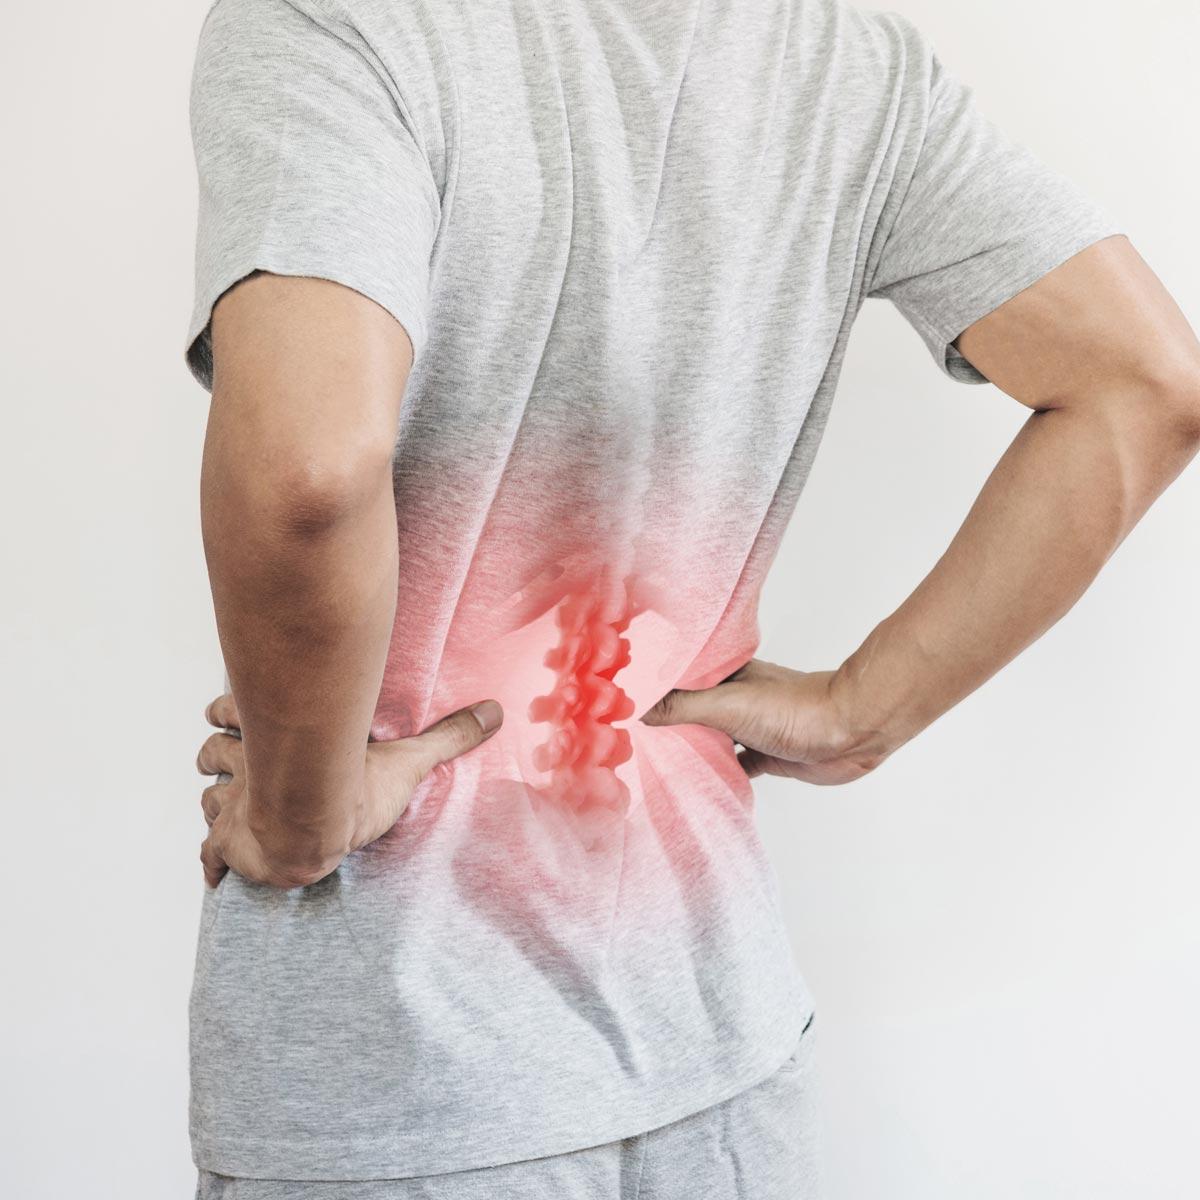 terapija-za-kičmu-bol-u-leđima